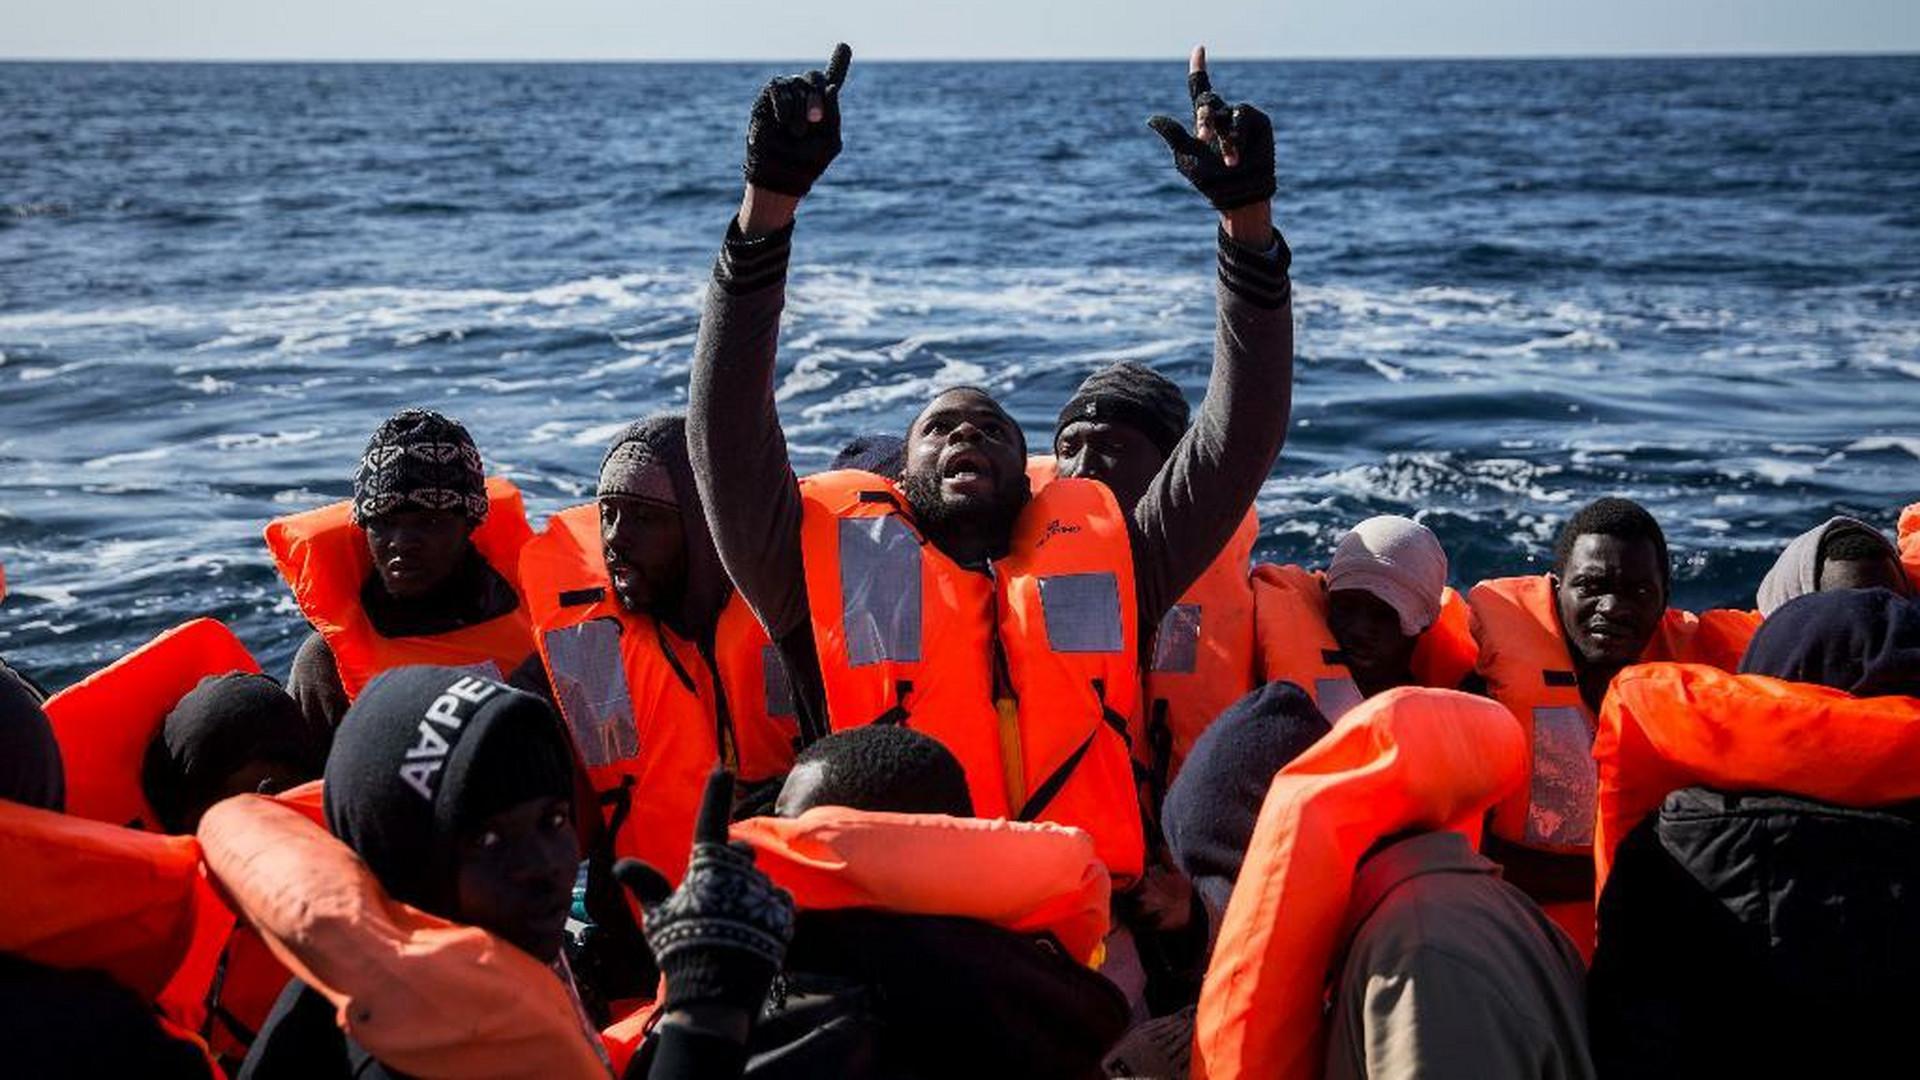 Studie: Viele afrikanische Migranten gehören zu besser Gebildeten